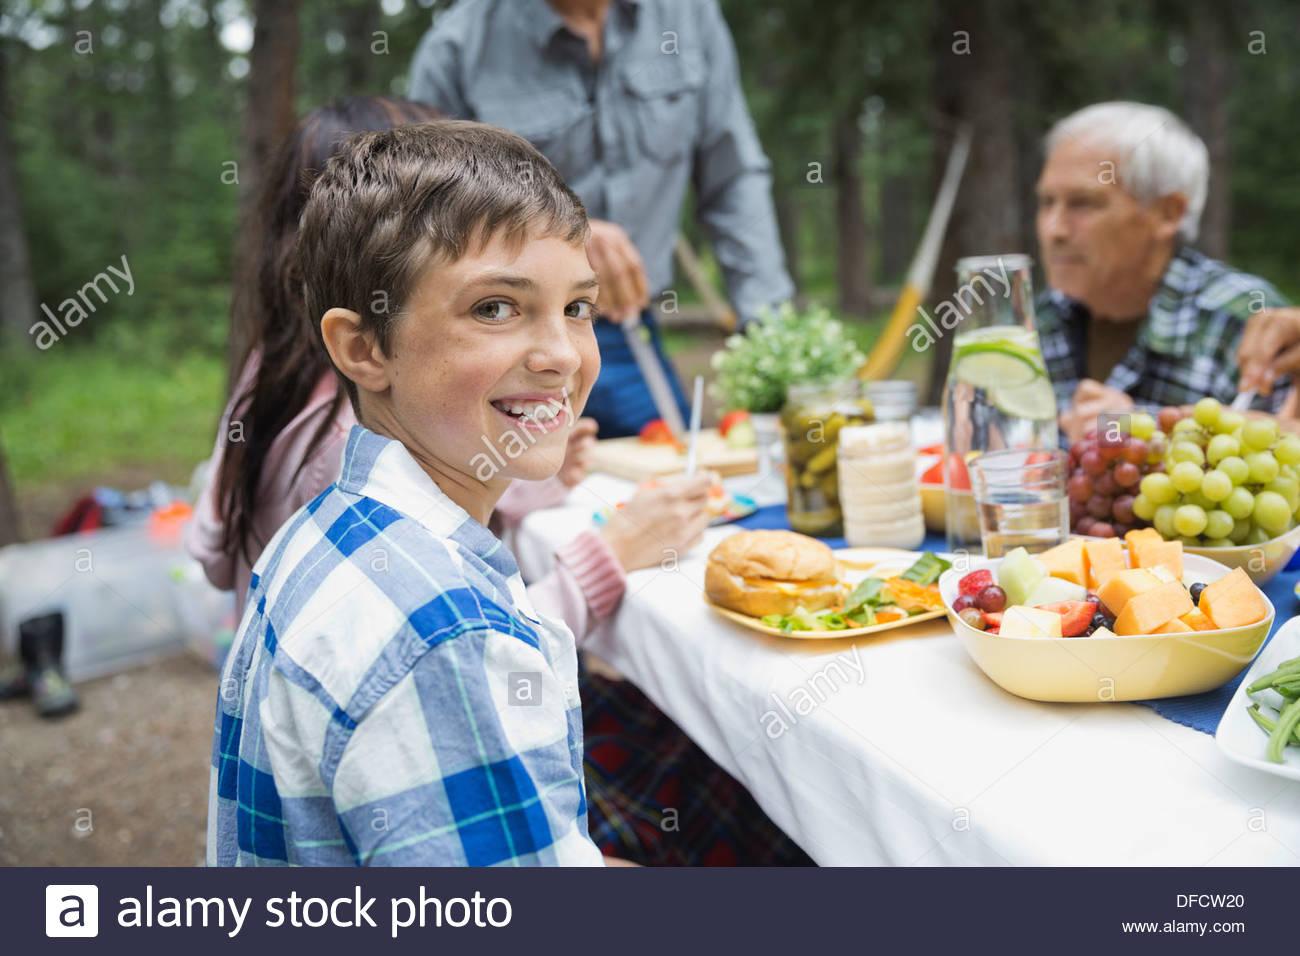 Ritratto di ragazzo avente pasto con la famiglia al campeggio Immagini Stock